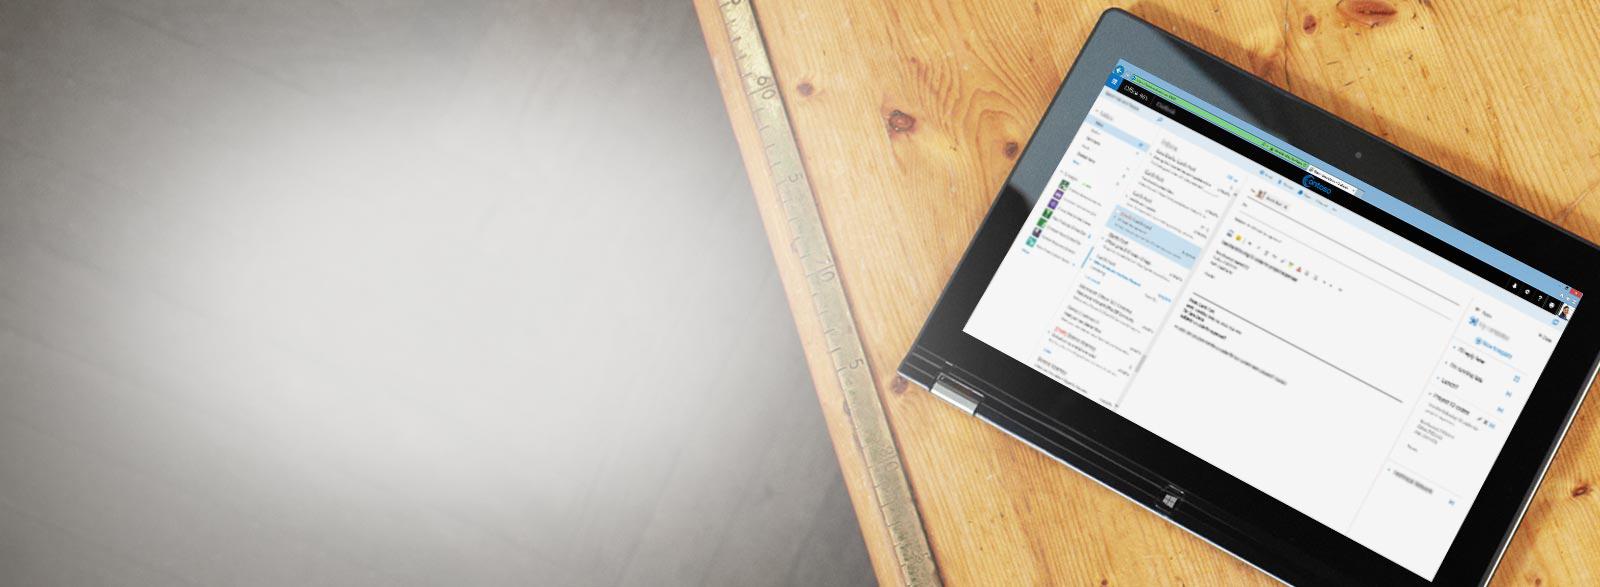 Một máy tính bảng trên bàn cho thấy cận cảnh hộp thư email kinh doanh được hỗ trợ bởi Exchange.